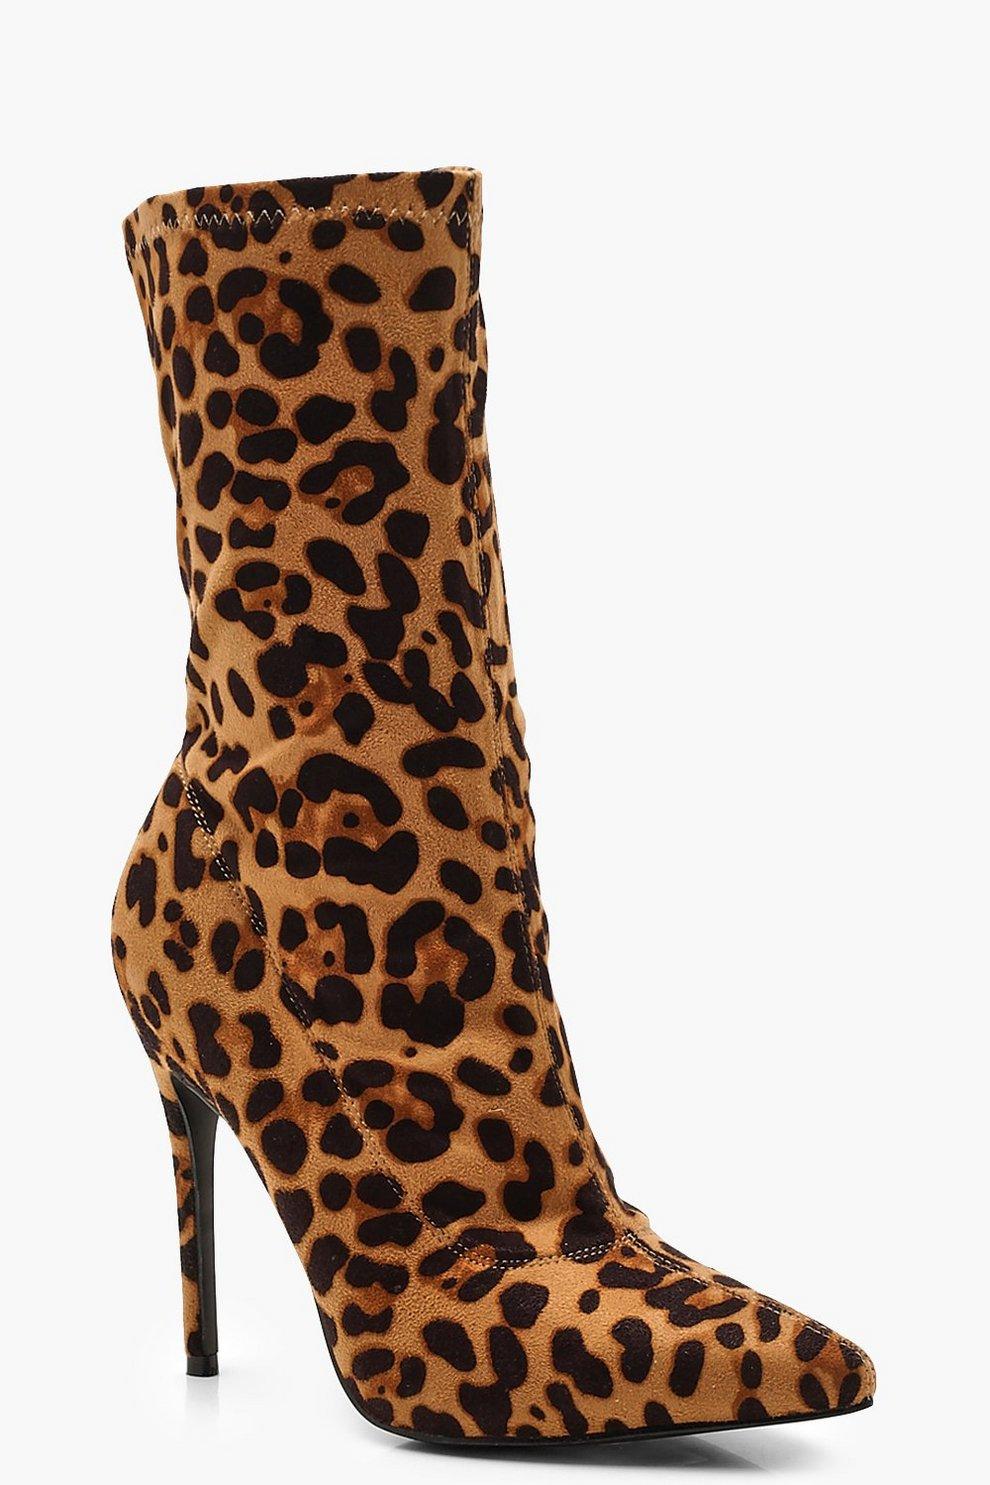 b0762adcd2b Bottes chaussettes pointues imprimé léopard